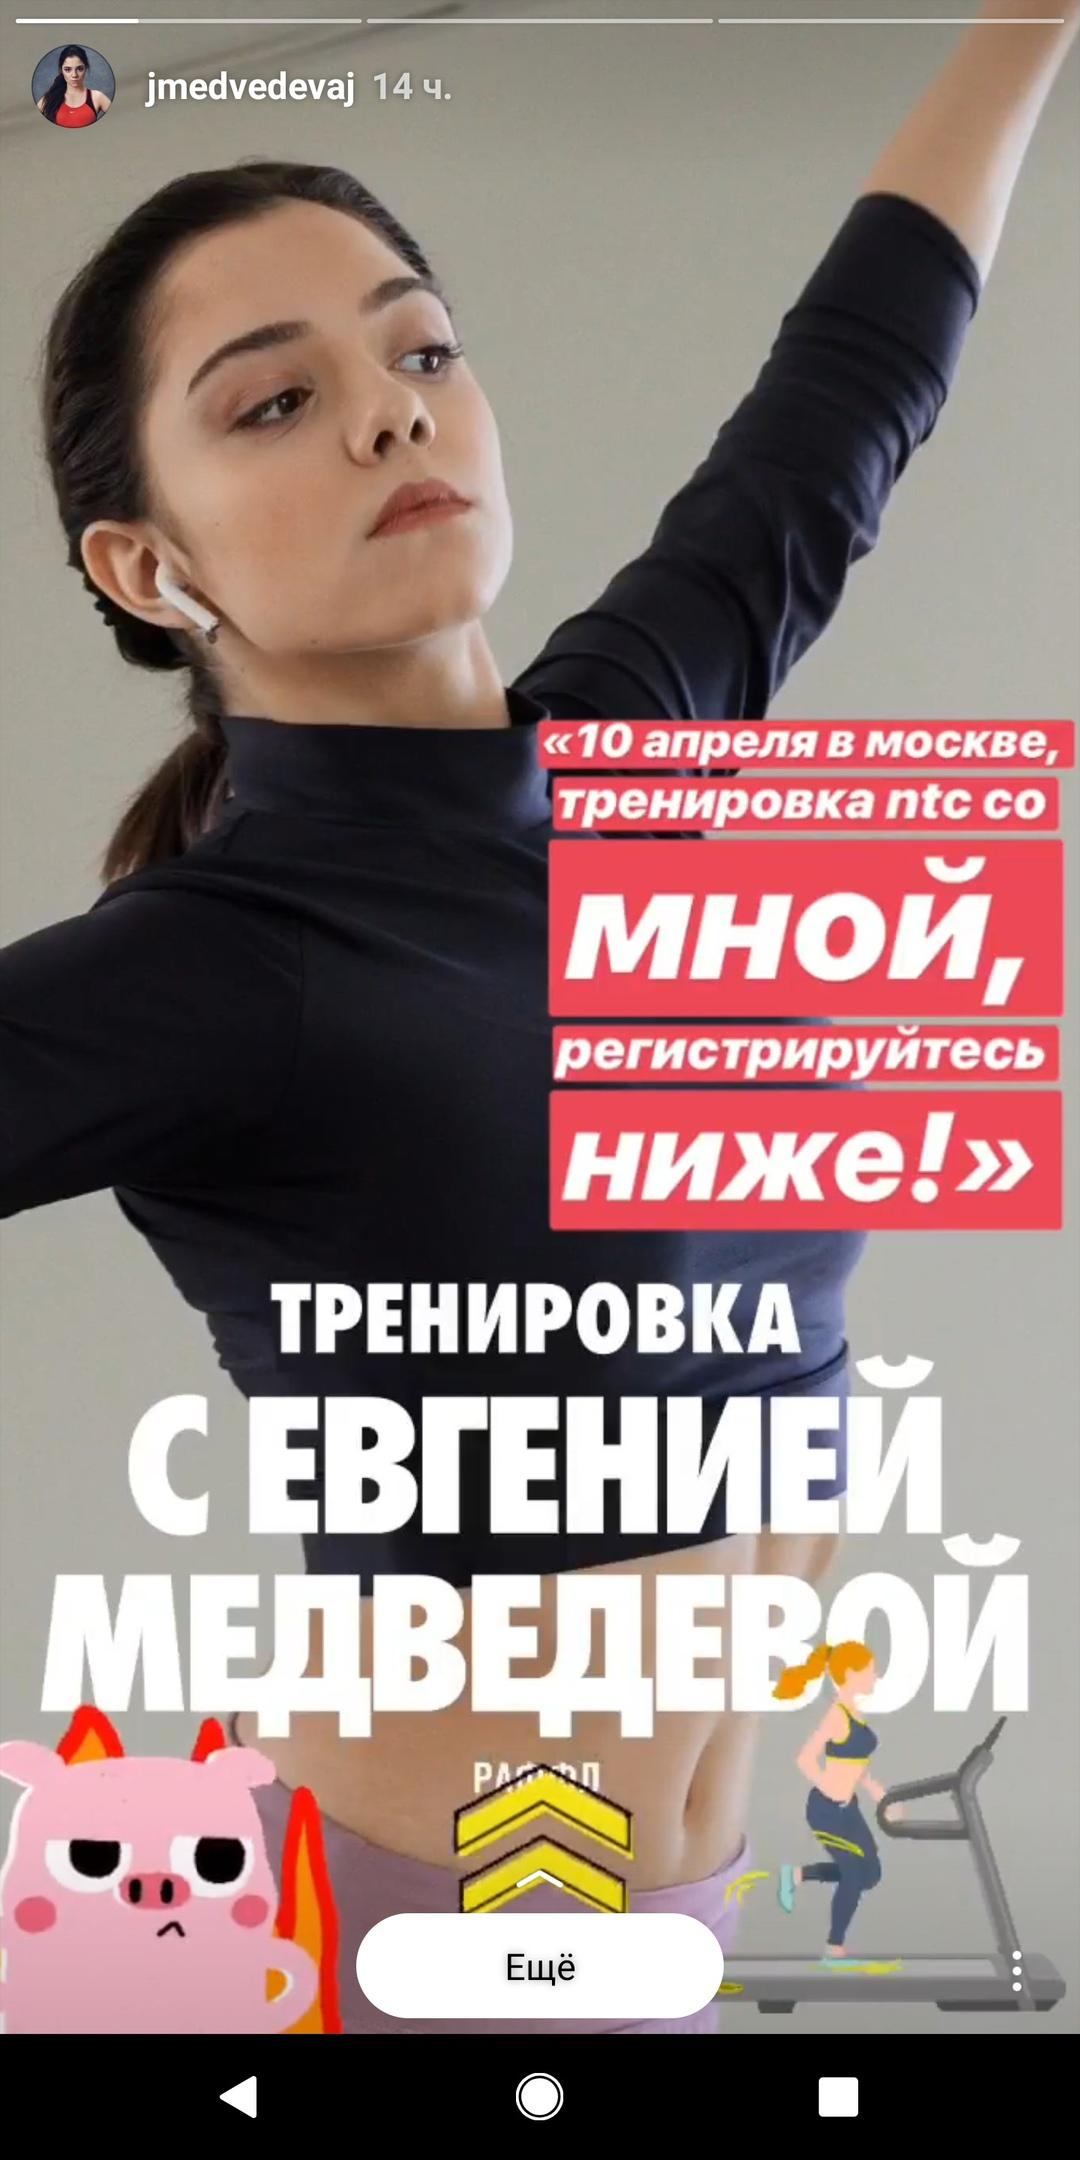 77e4957a Новость.Евгения Медведева проведёт в Москве тренировку для всех ...